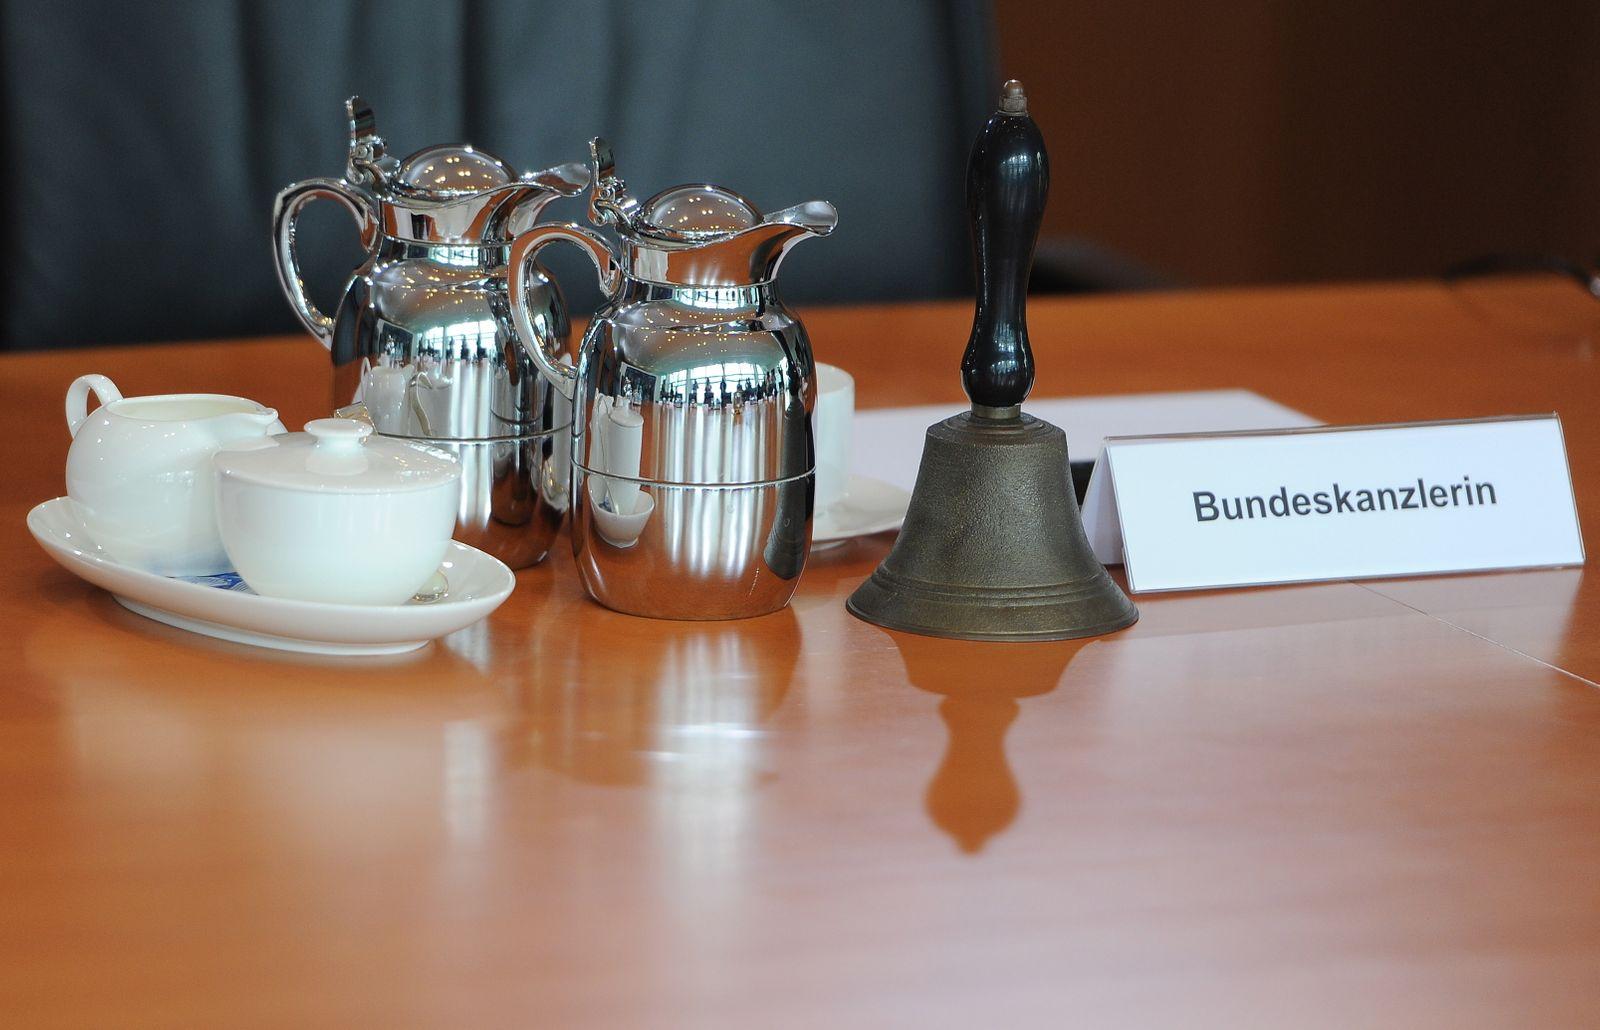 EINMALIGE VERWENDUNG Bundeskabinett / Glocke / Kaffeekannen